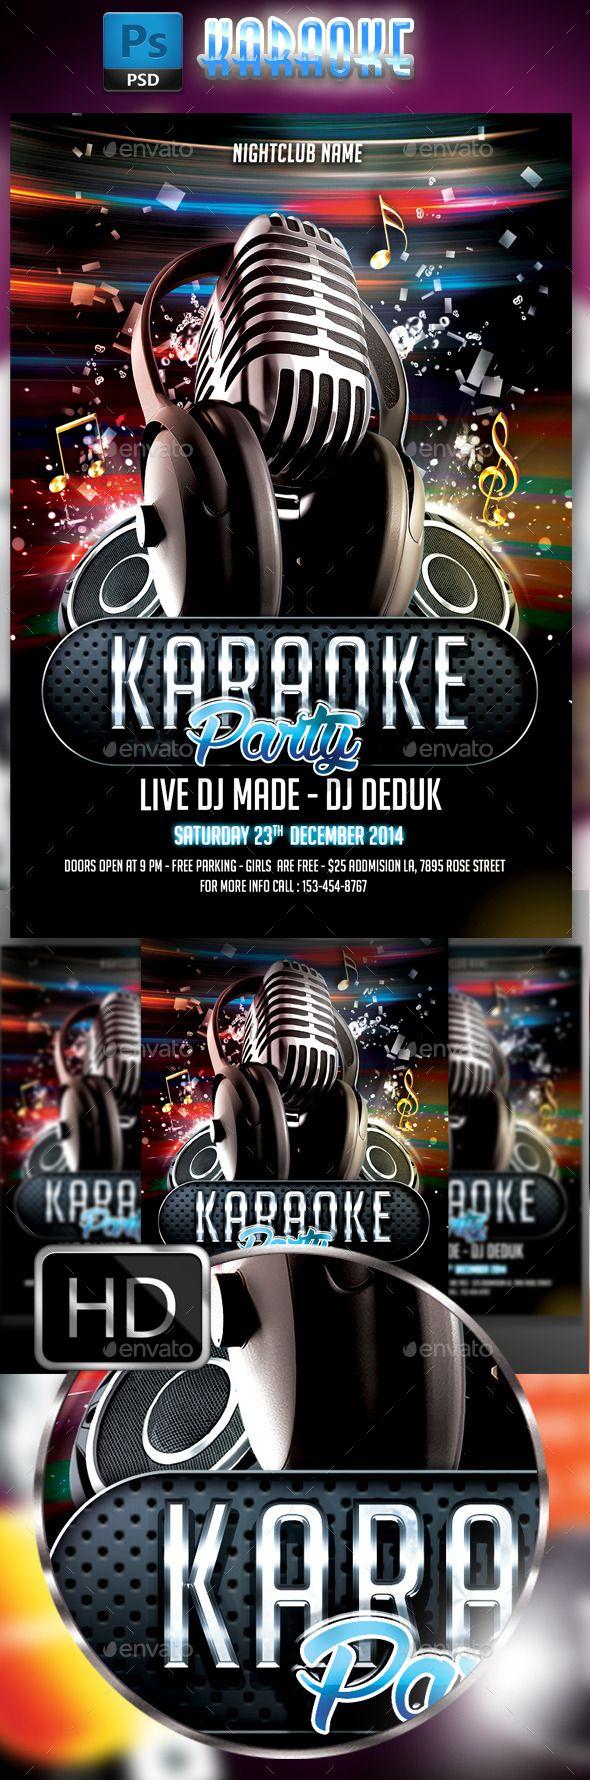 Karaoke Flyer 3 Pinterest Karaoke Flyer Template And Template